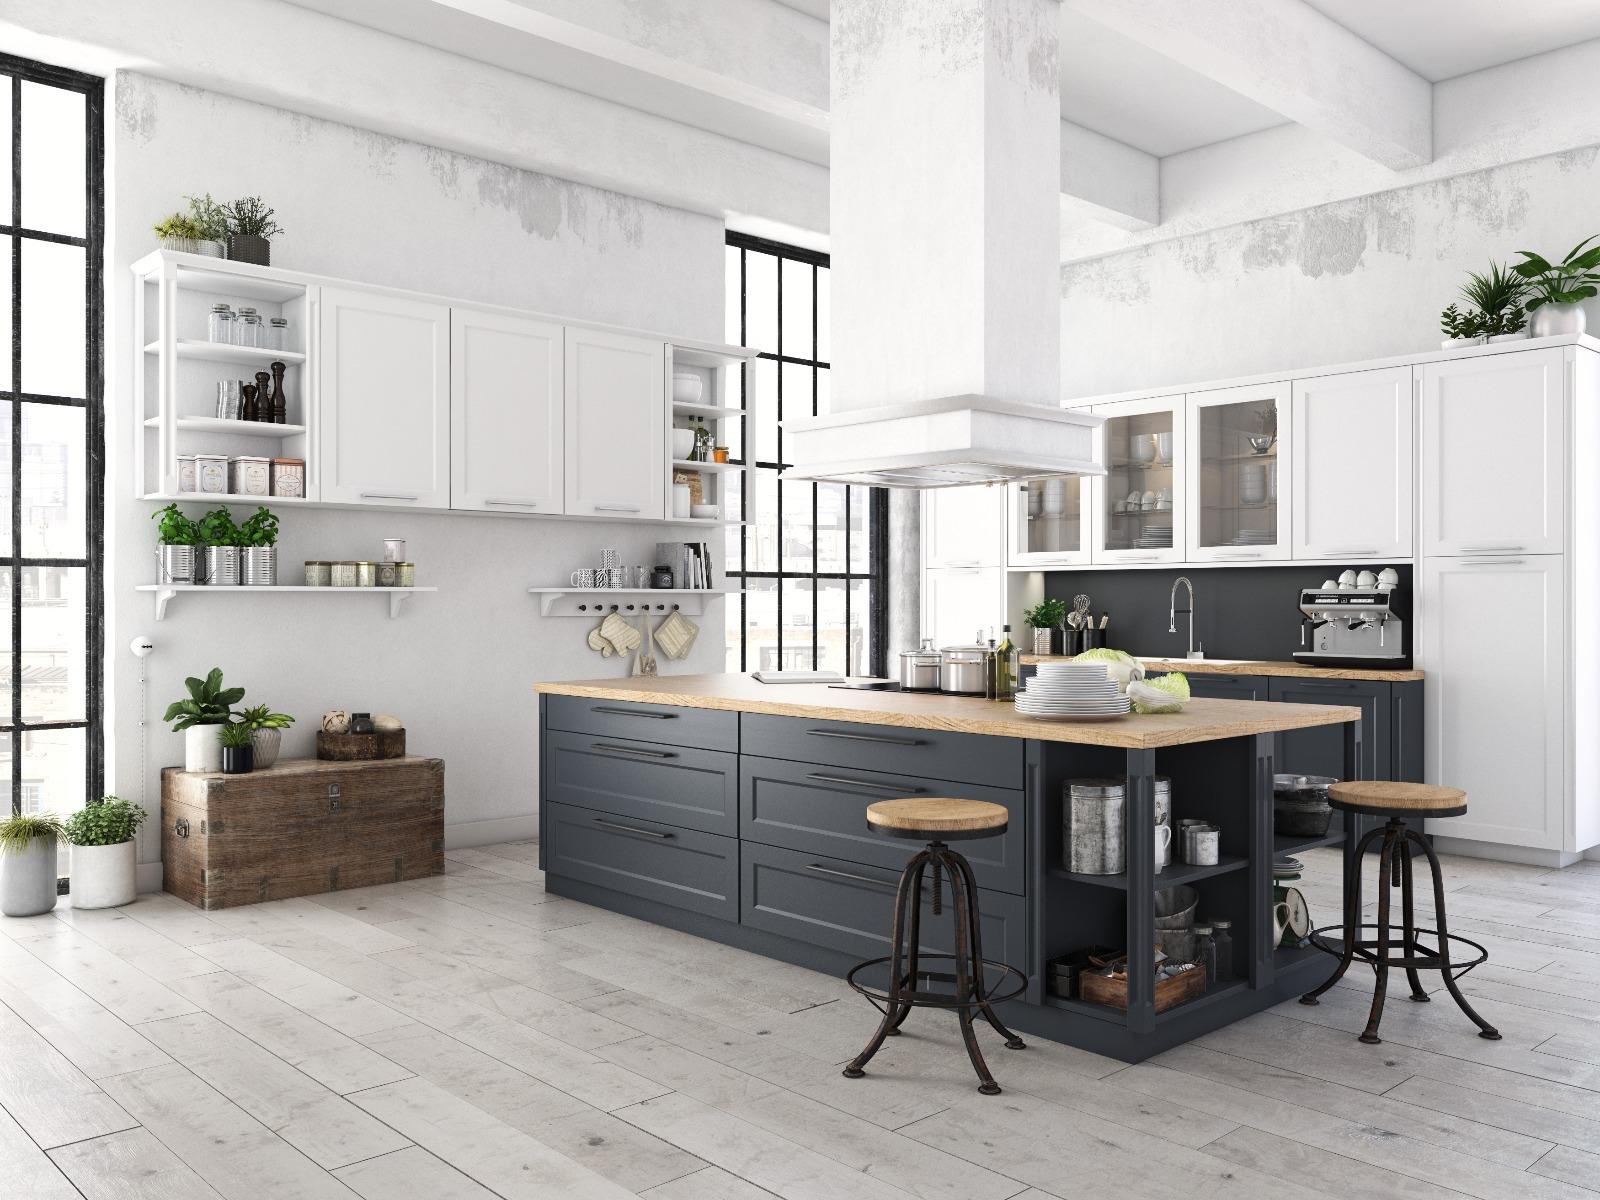 Das Bild zeigt eine moderne Küche.